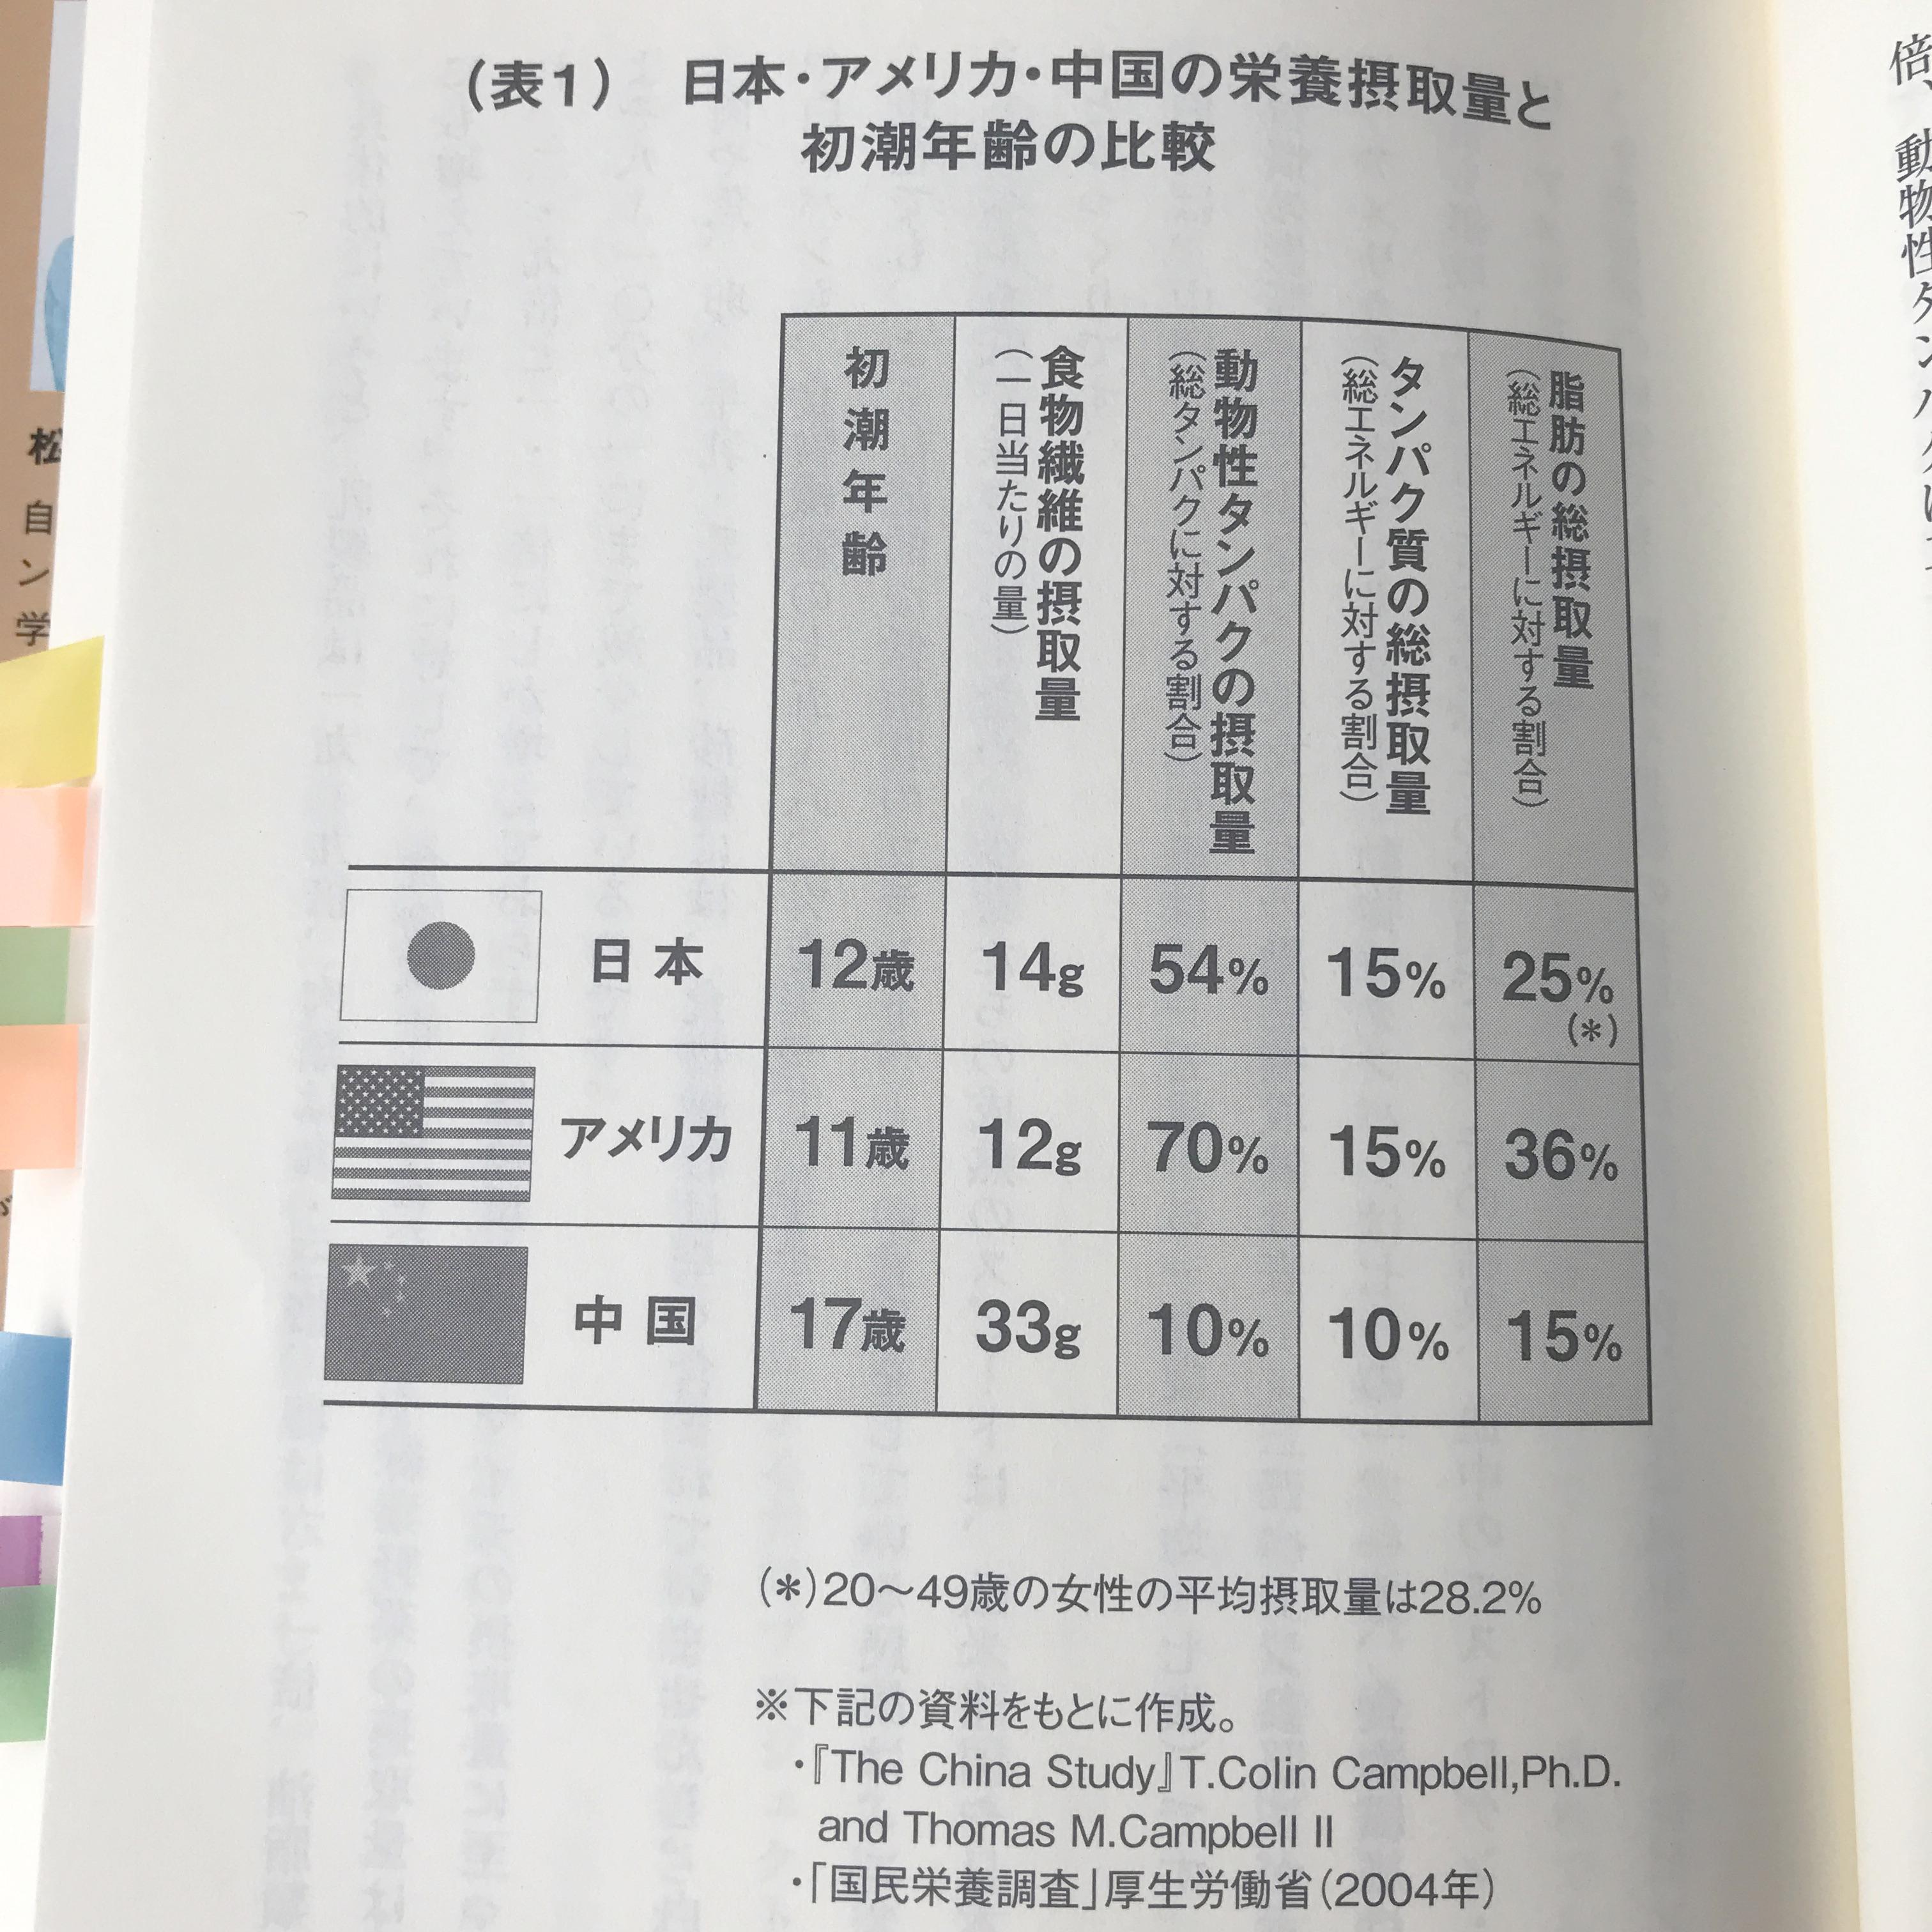 アメリカ・日本・中国の平均初潮年齢